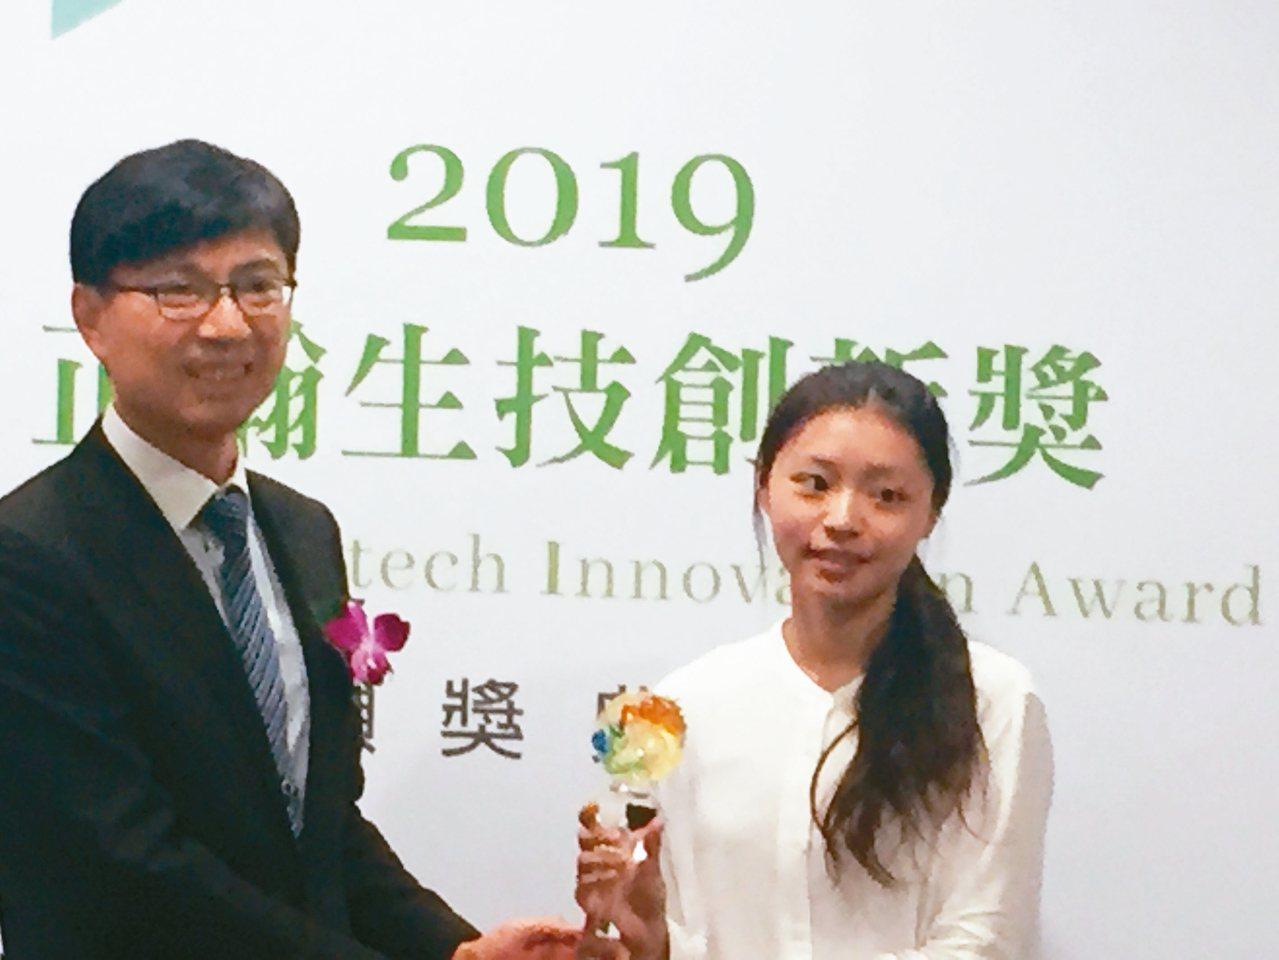 台大碩士生方如瑩(右),獲得第一屆「正瀚生技創新獎」金獎,獨得20萬元獎學金。 ...